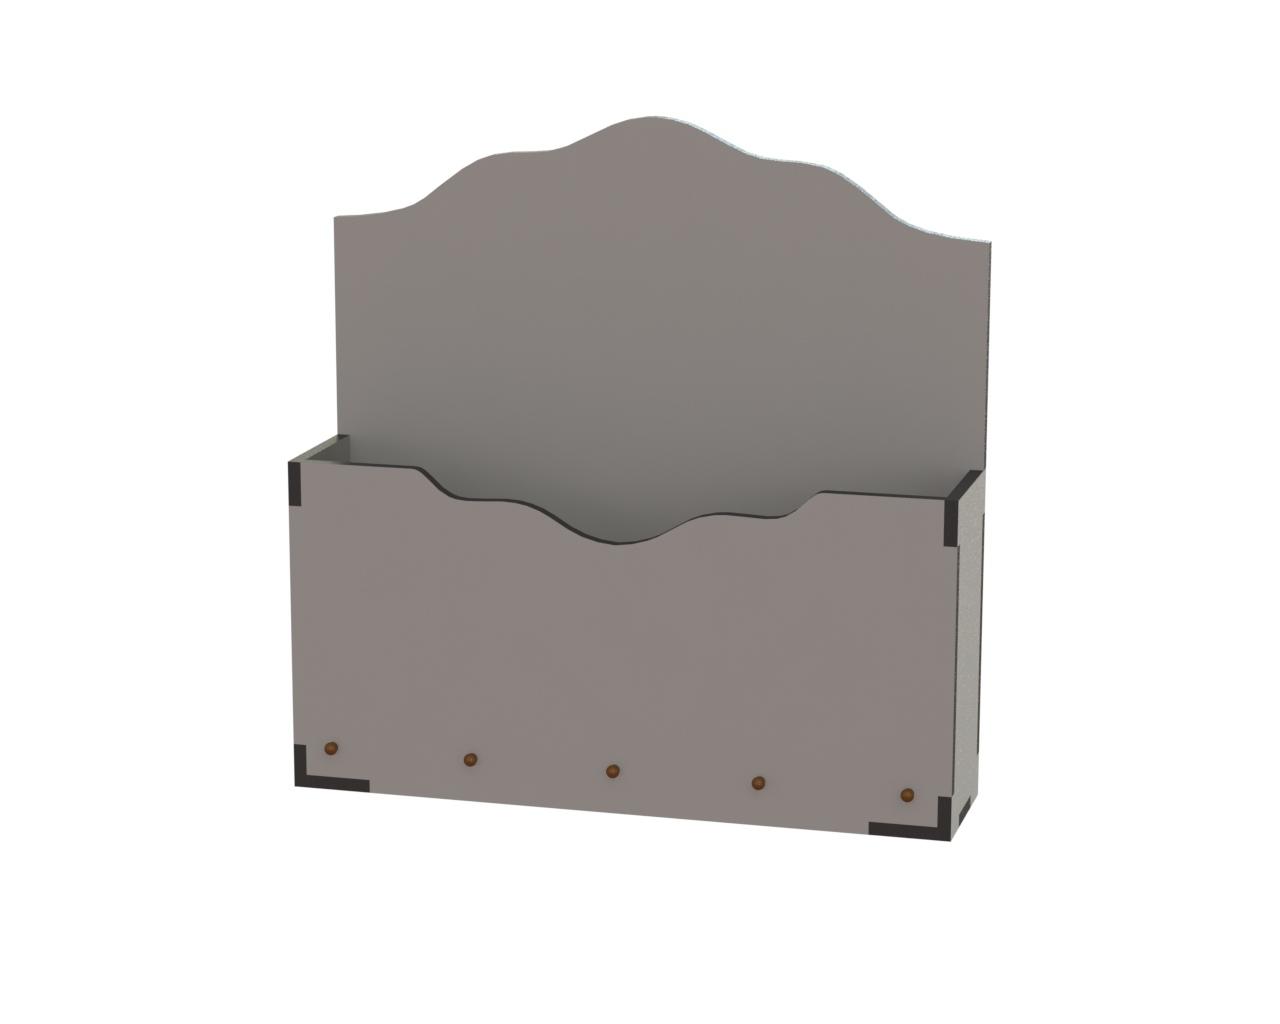 Laser Cut Decorative Box Wood Free CDR Vectors Art